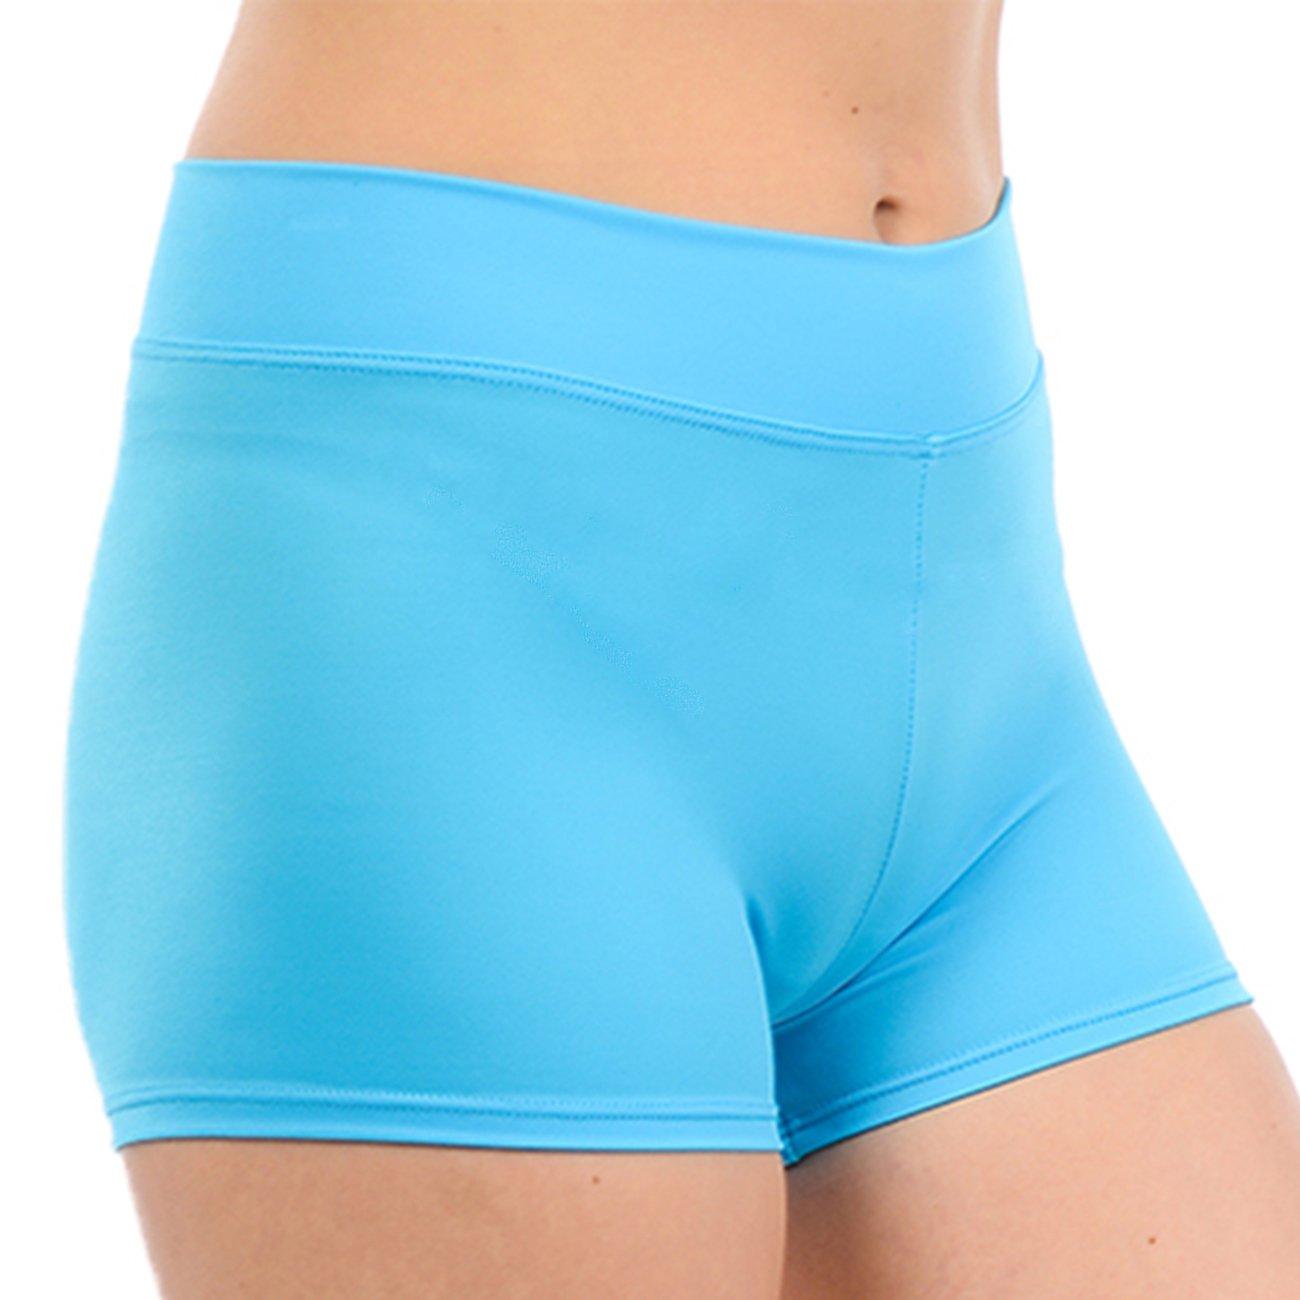 Anza Girls Activewear Dance Booty Shorts Gym Workout Yoga Shorts GSH7019